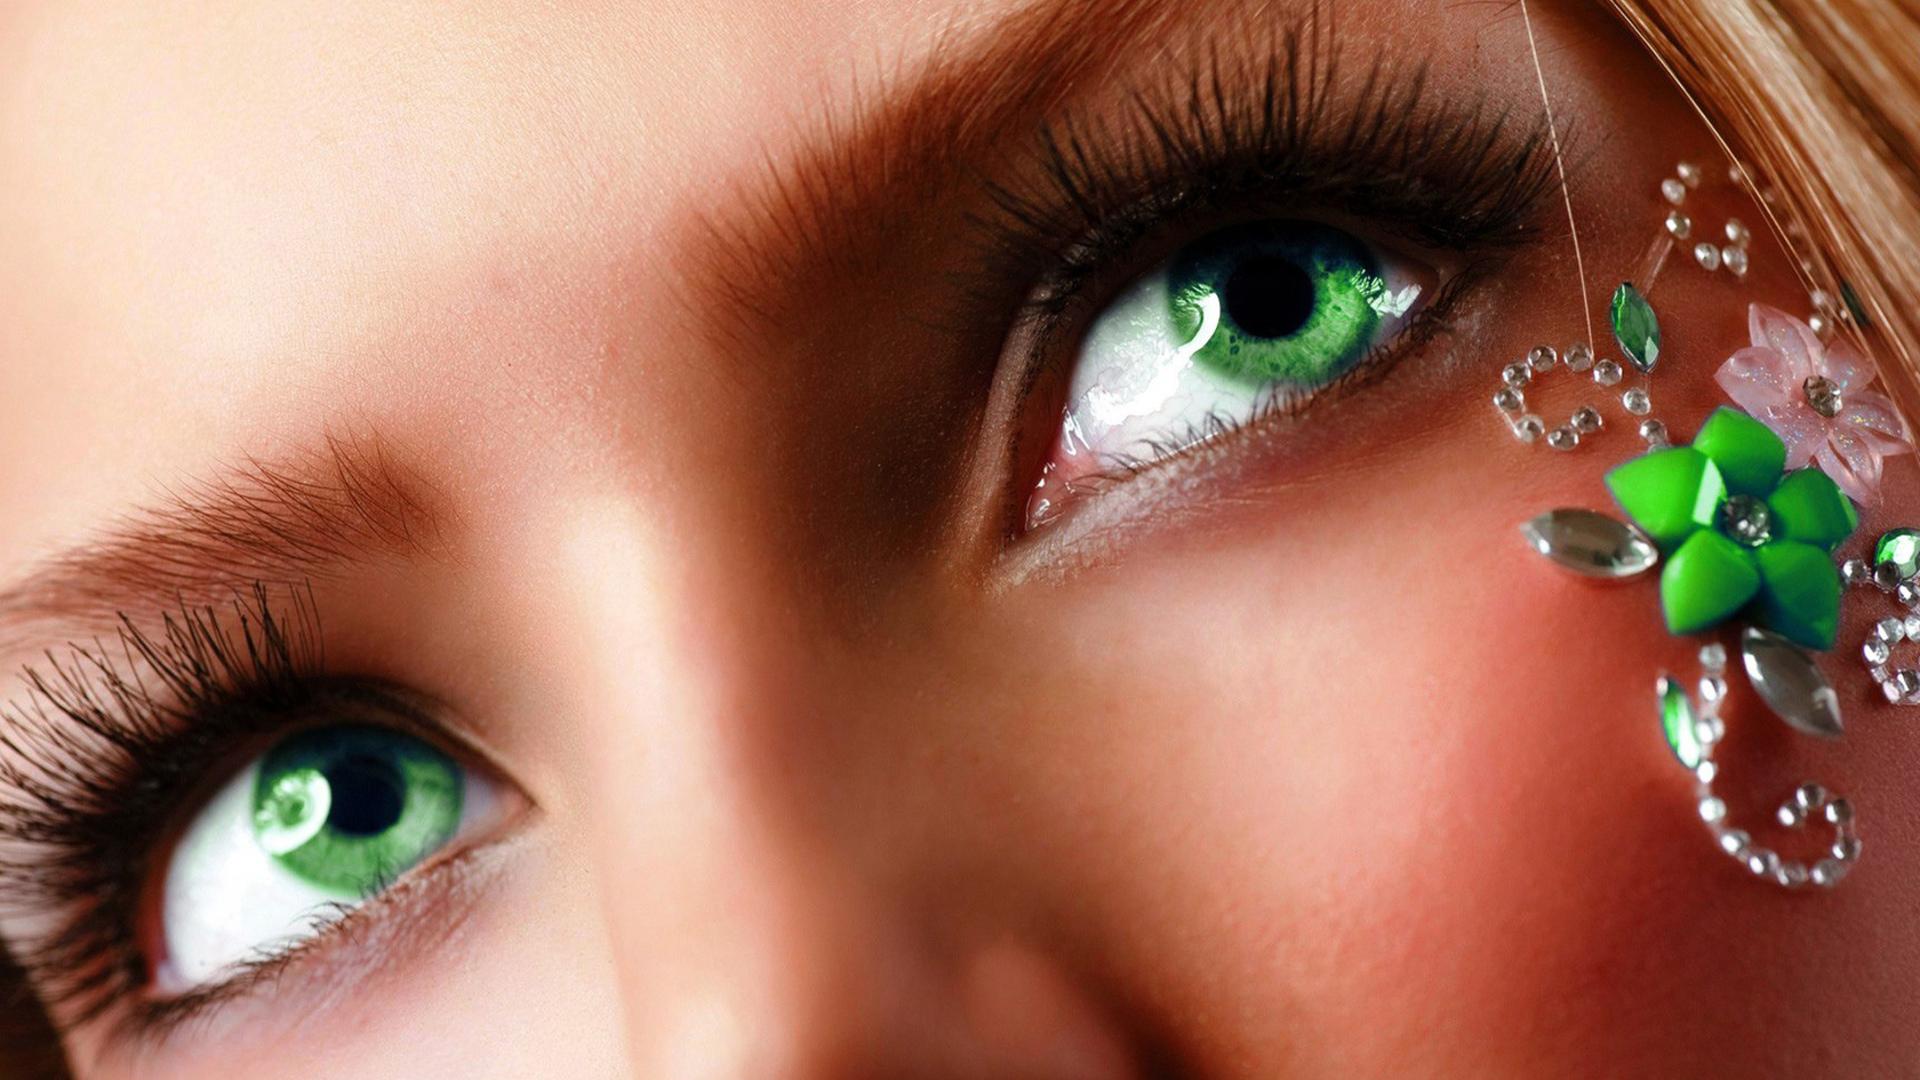 7 - انتخاب لنز مناسب، لنز چشم ساده و لنز رنگی